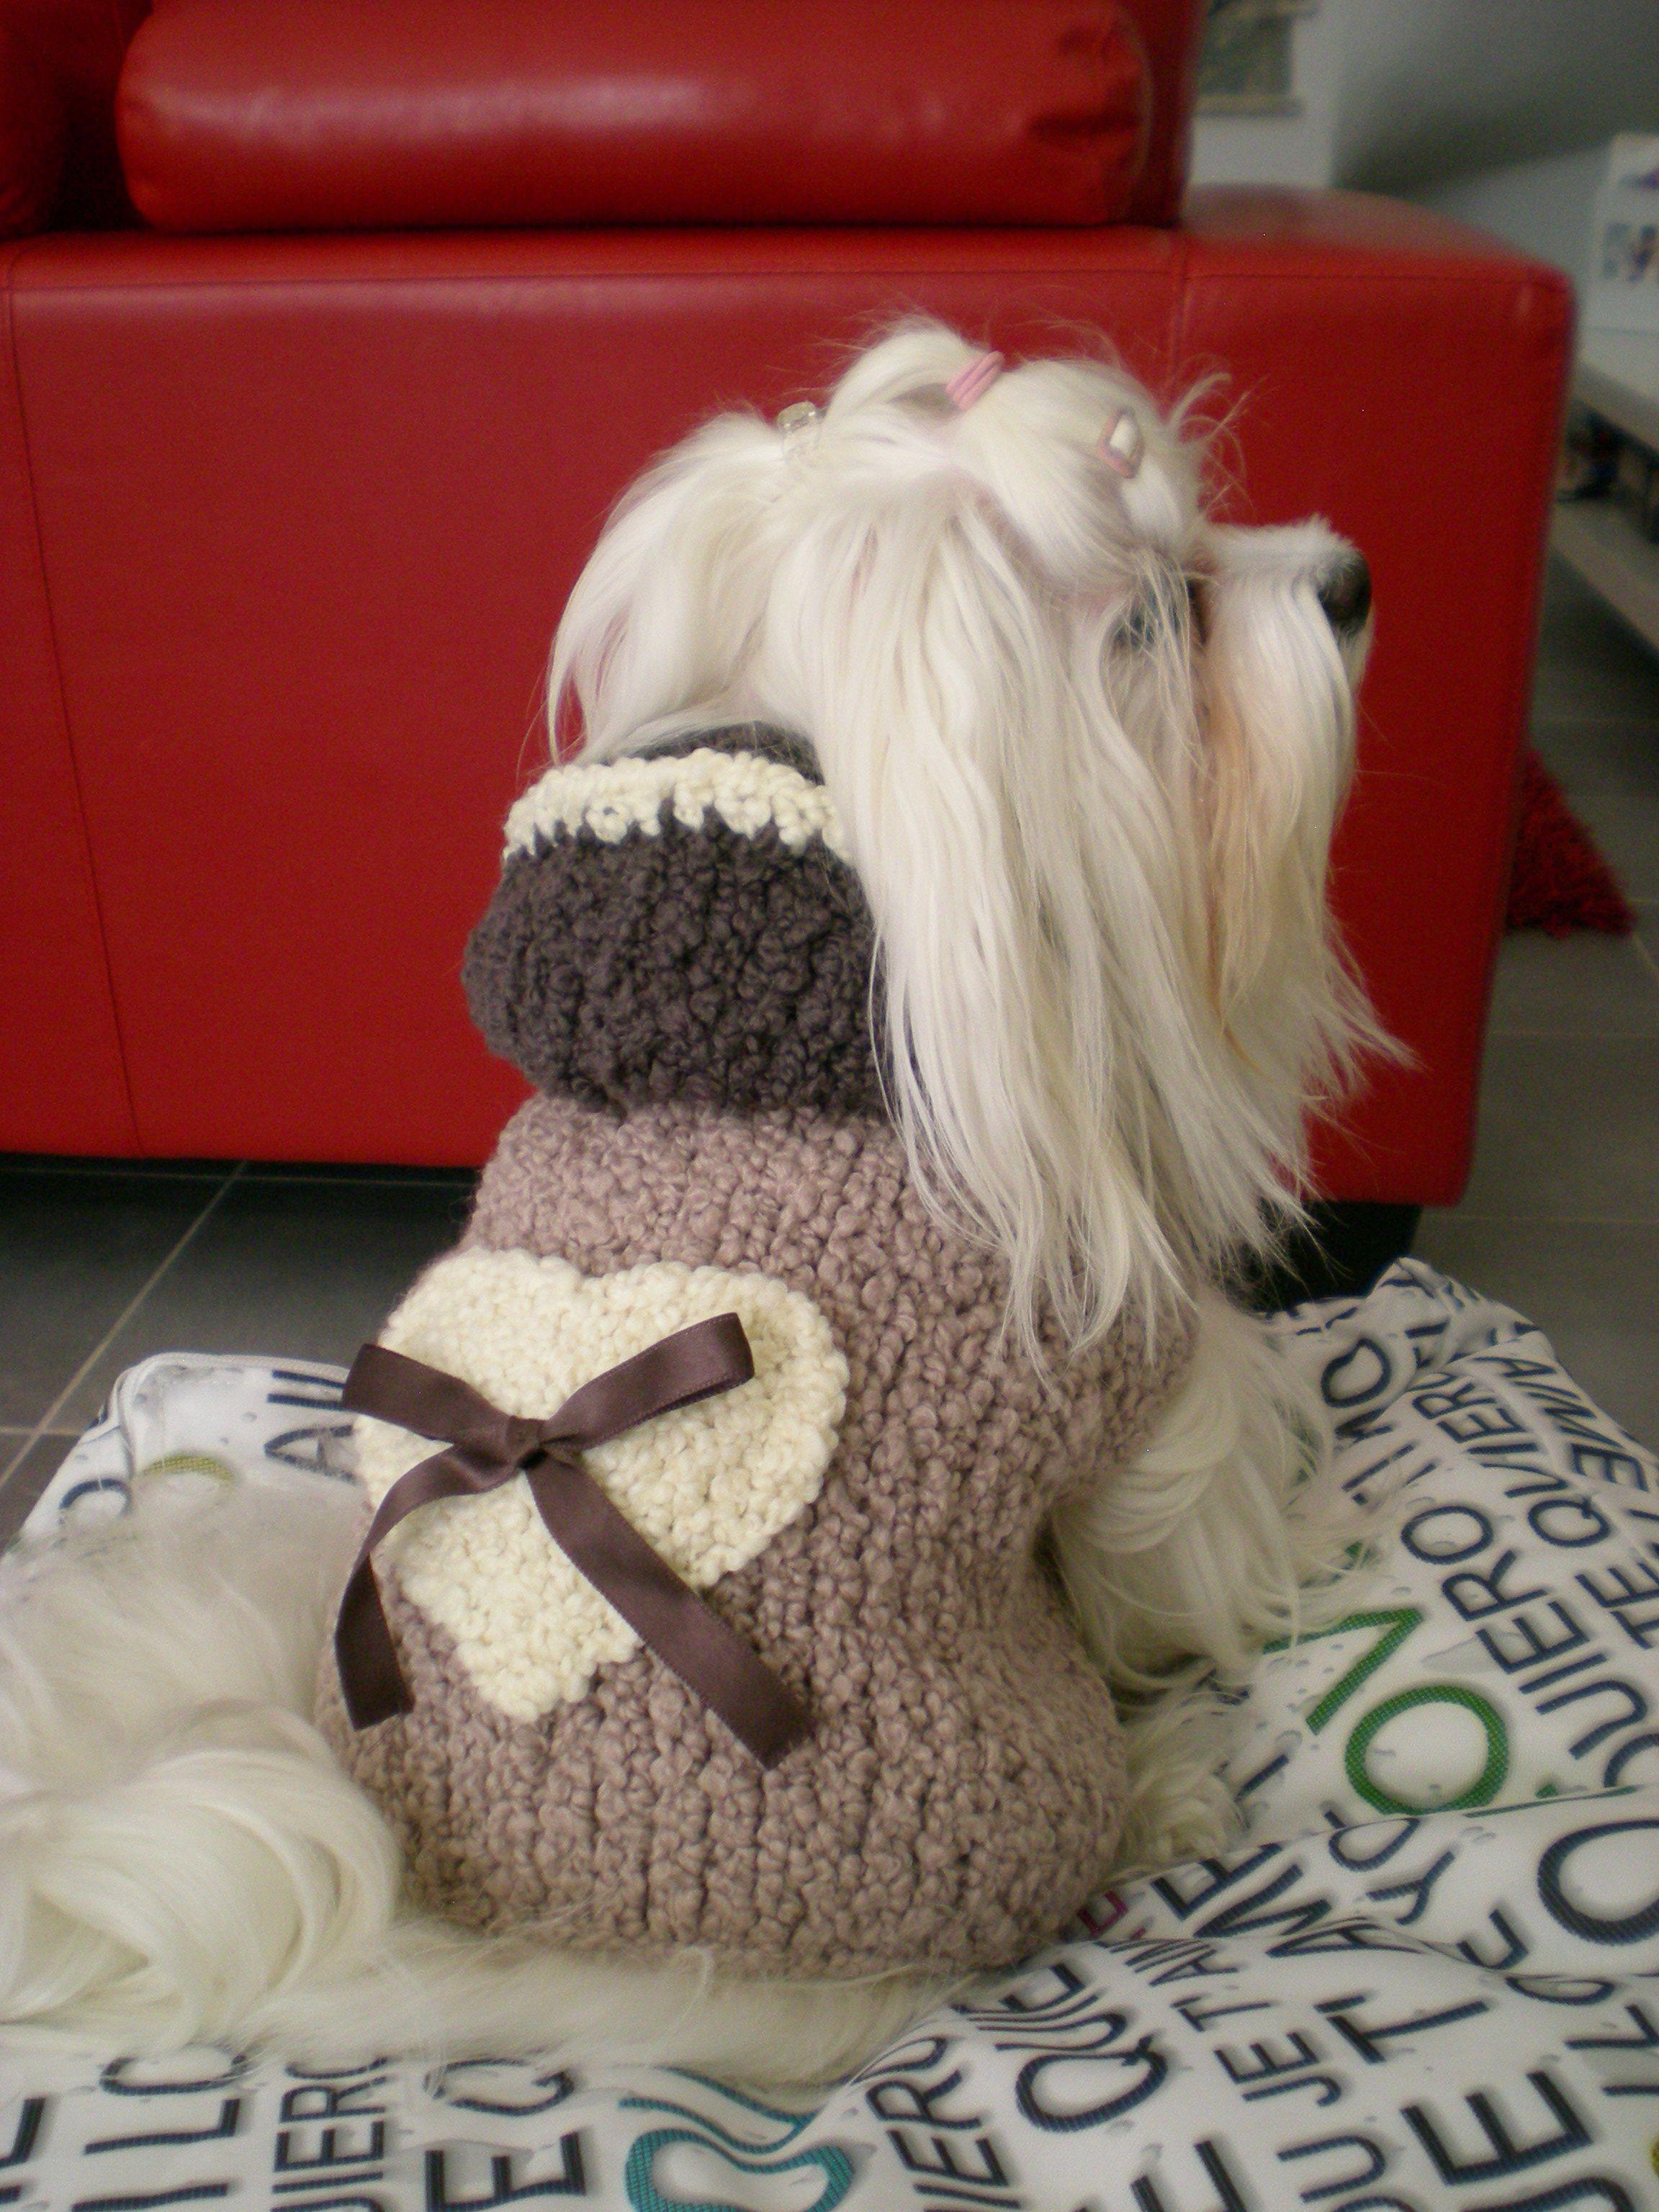 nuovo concetto a5103 1a5c8 Cappottini per cani fai da te ai ferri Pagina 2 ...